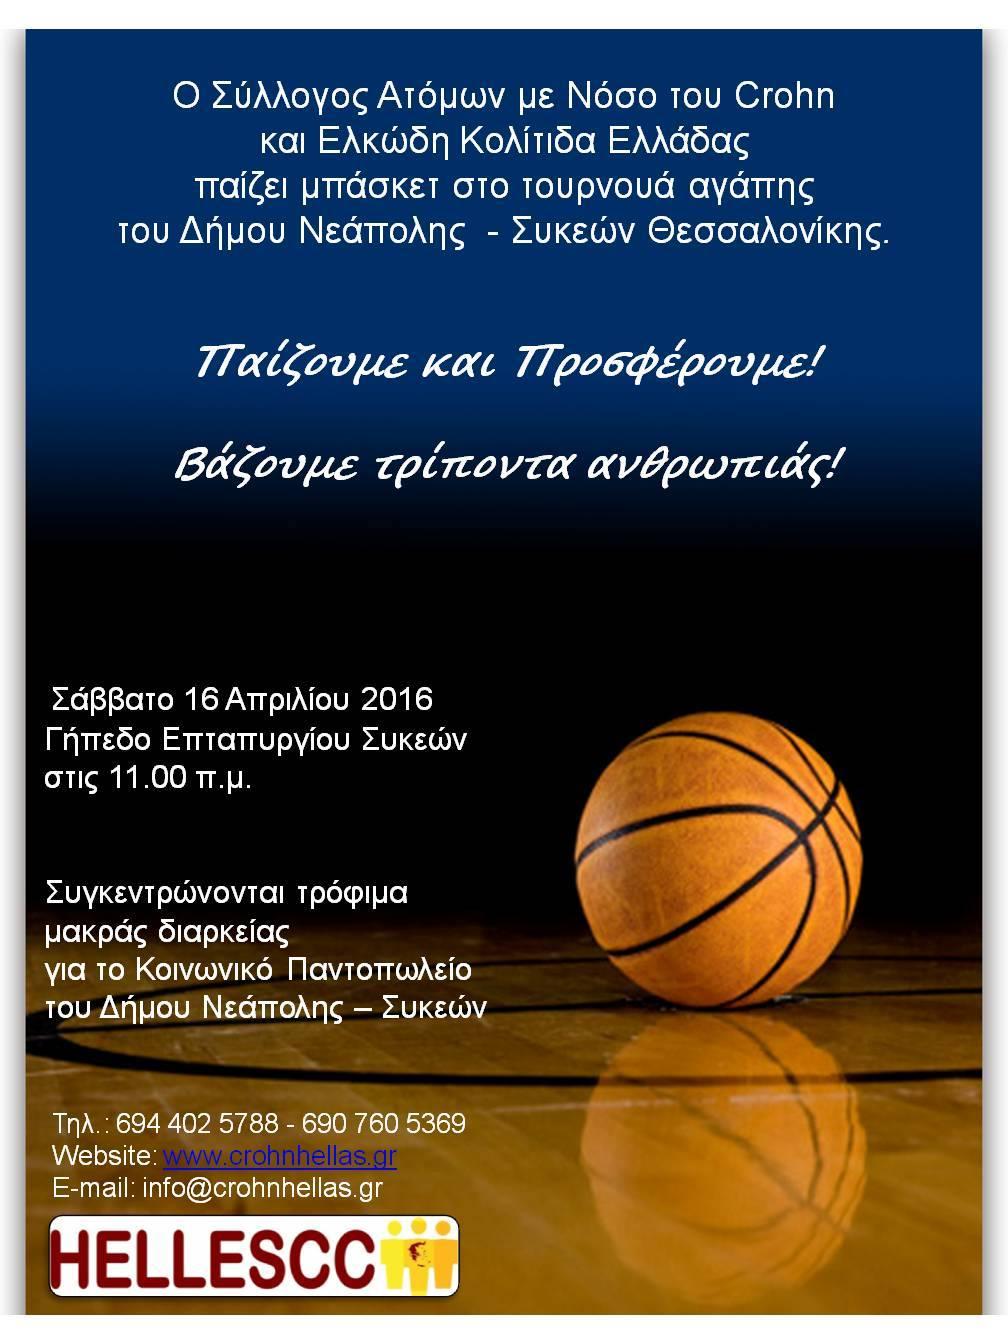 2016 Μπάσκετ Θεσσαλονίκη